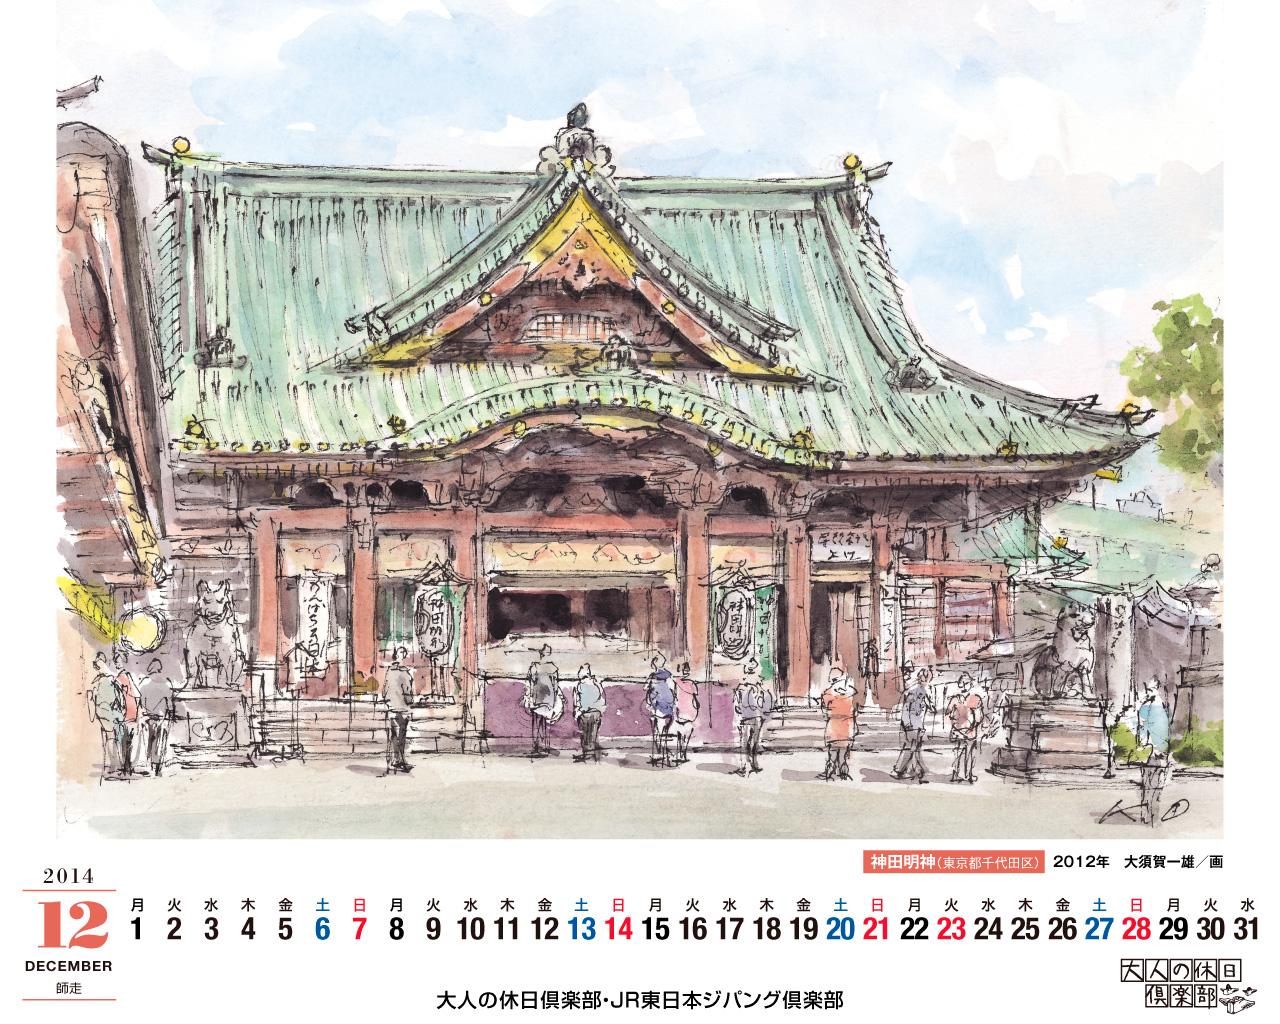 カレンダー jr東日本 大人の休日倶楽部 カレンダー : Printable Calendar Templates